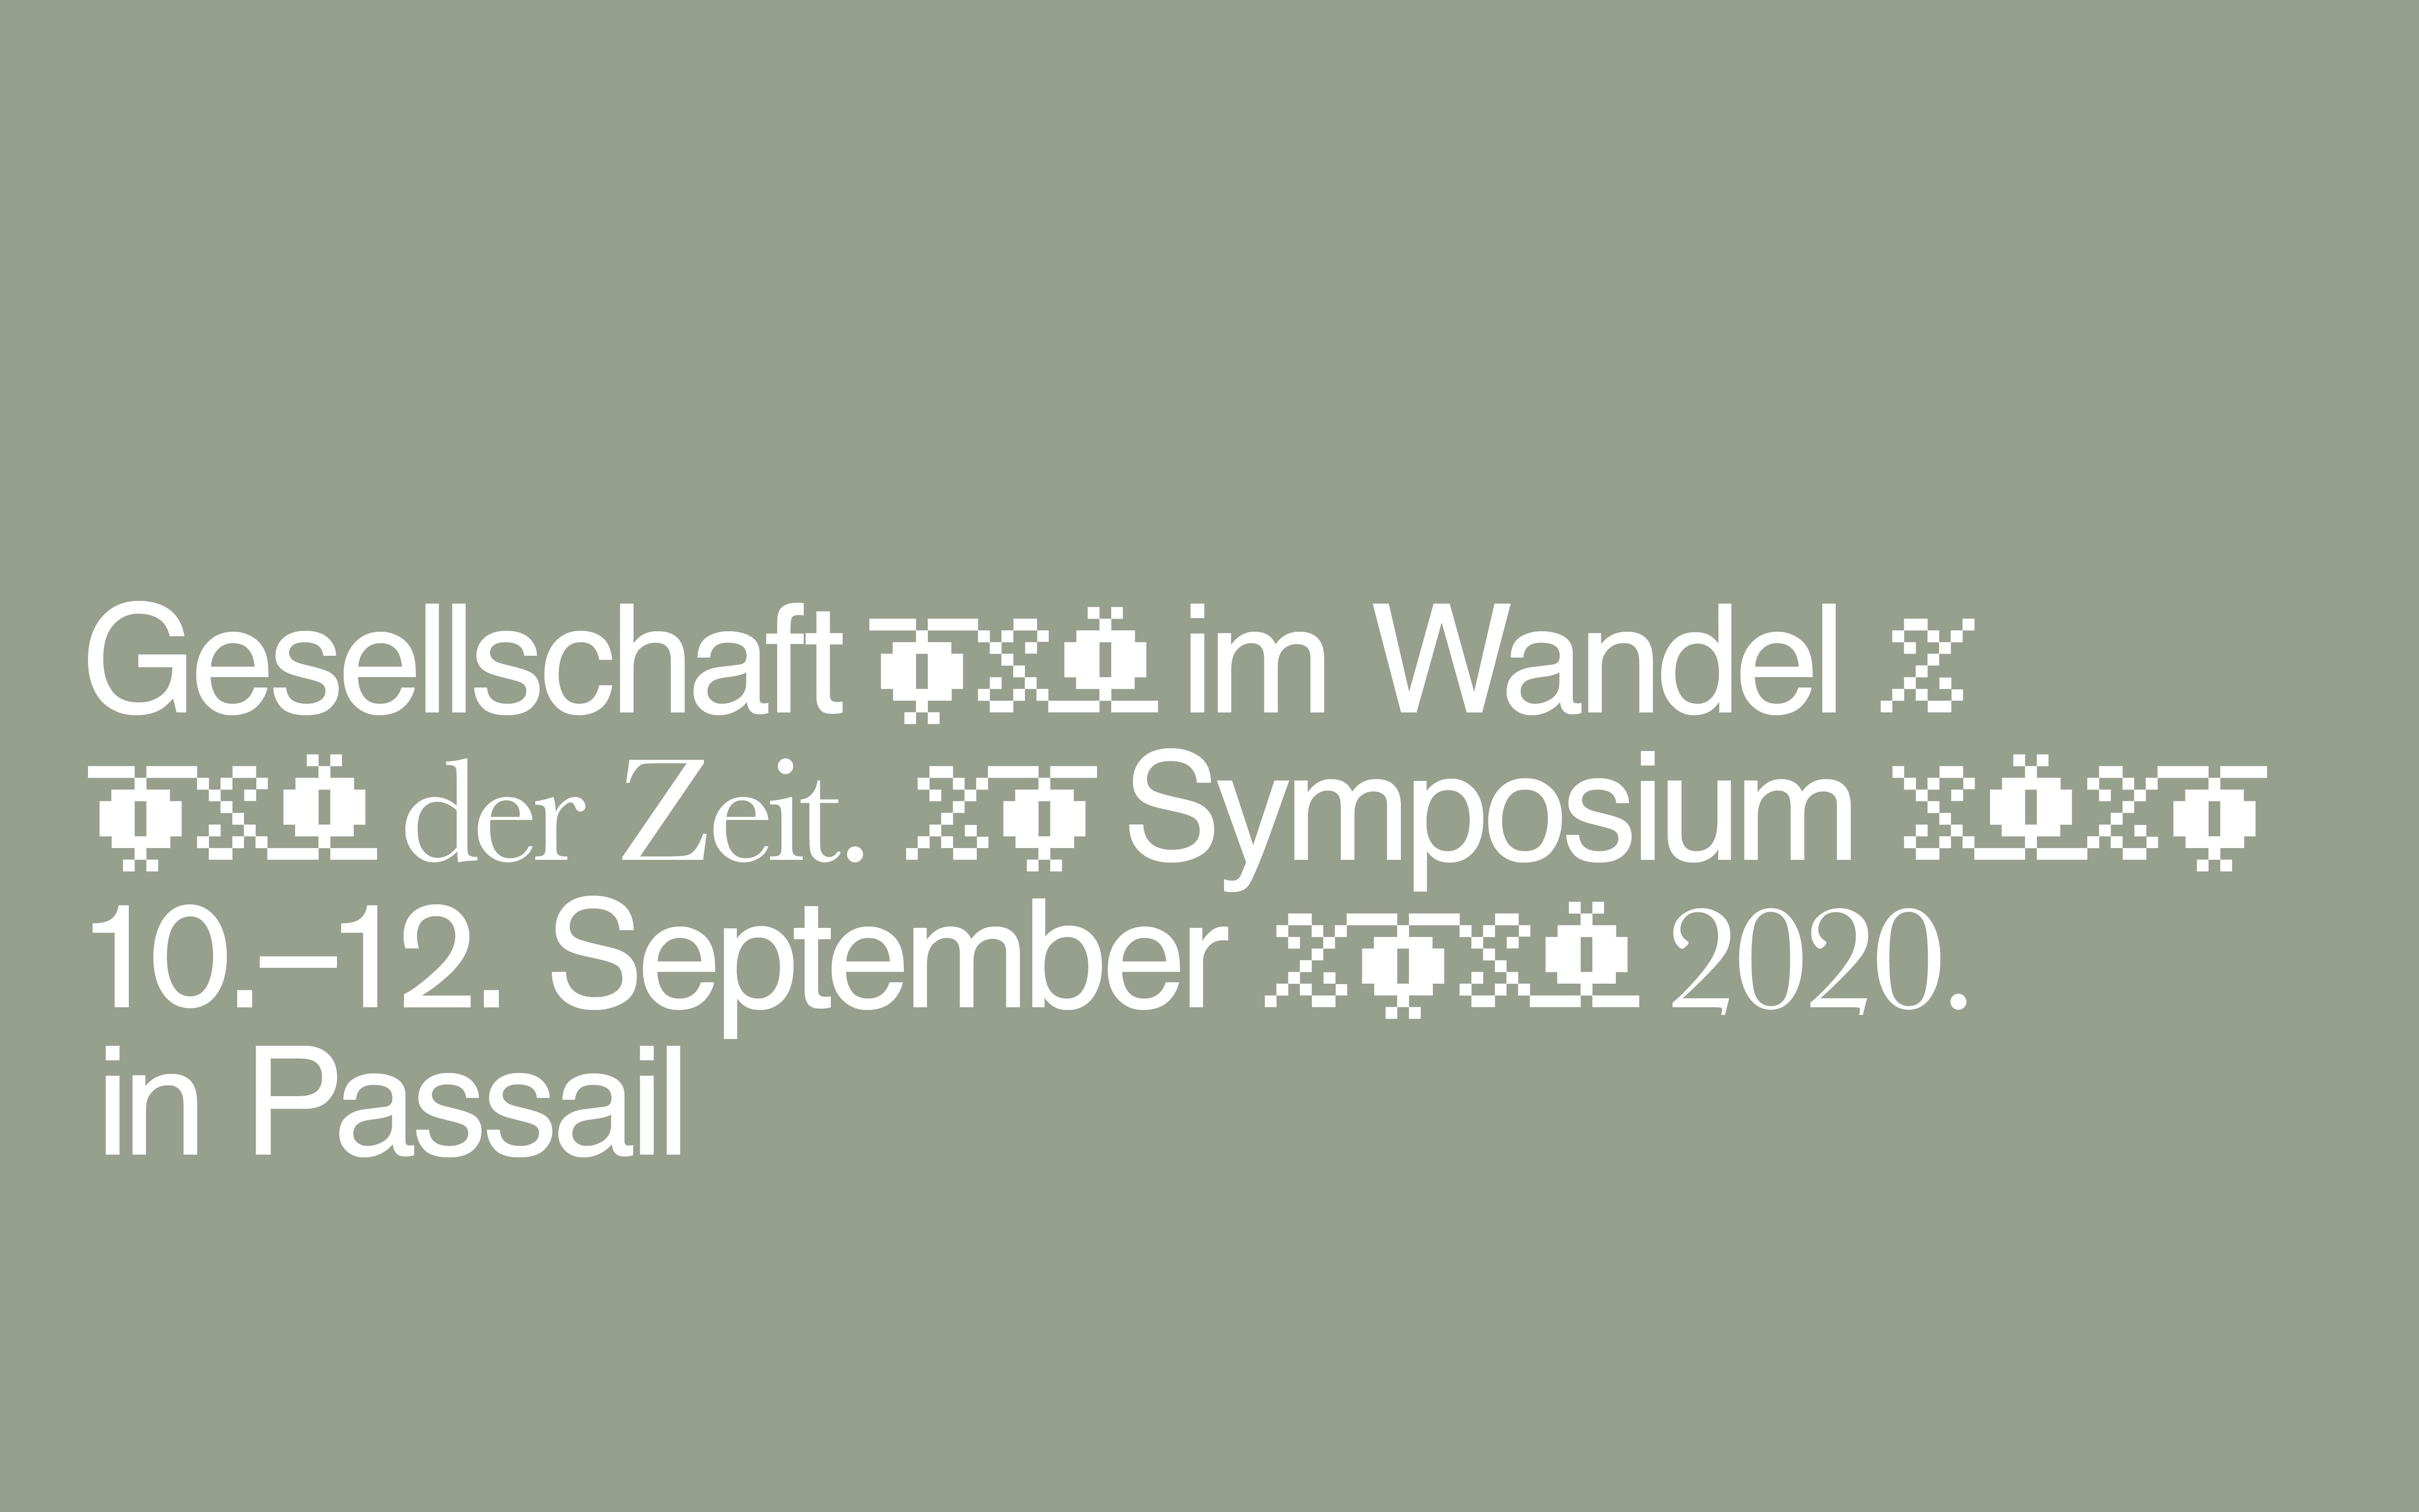 Symposium 10.09.-12.09.